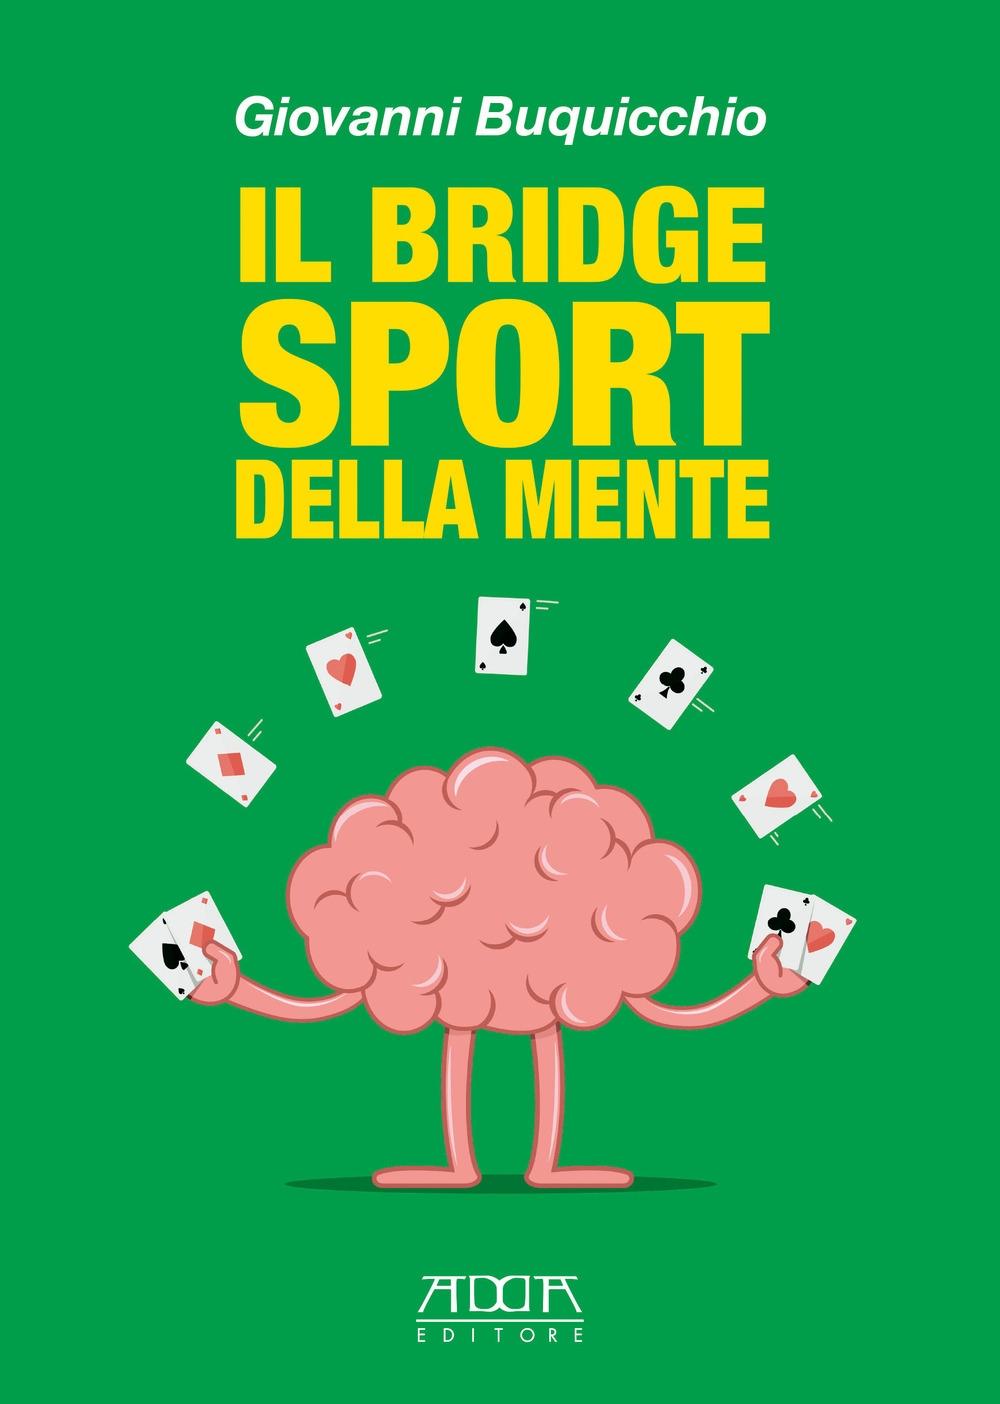 Il bridge sport della mente